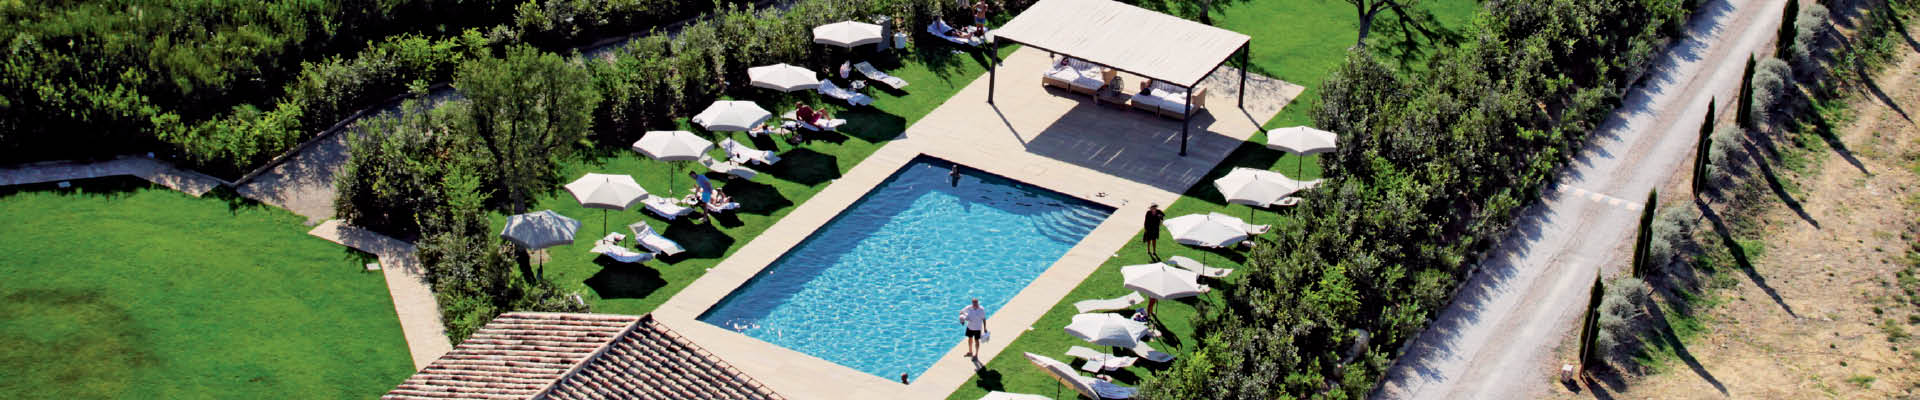 waterdicht zwembad